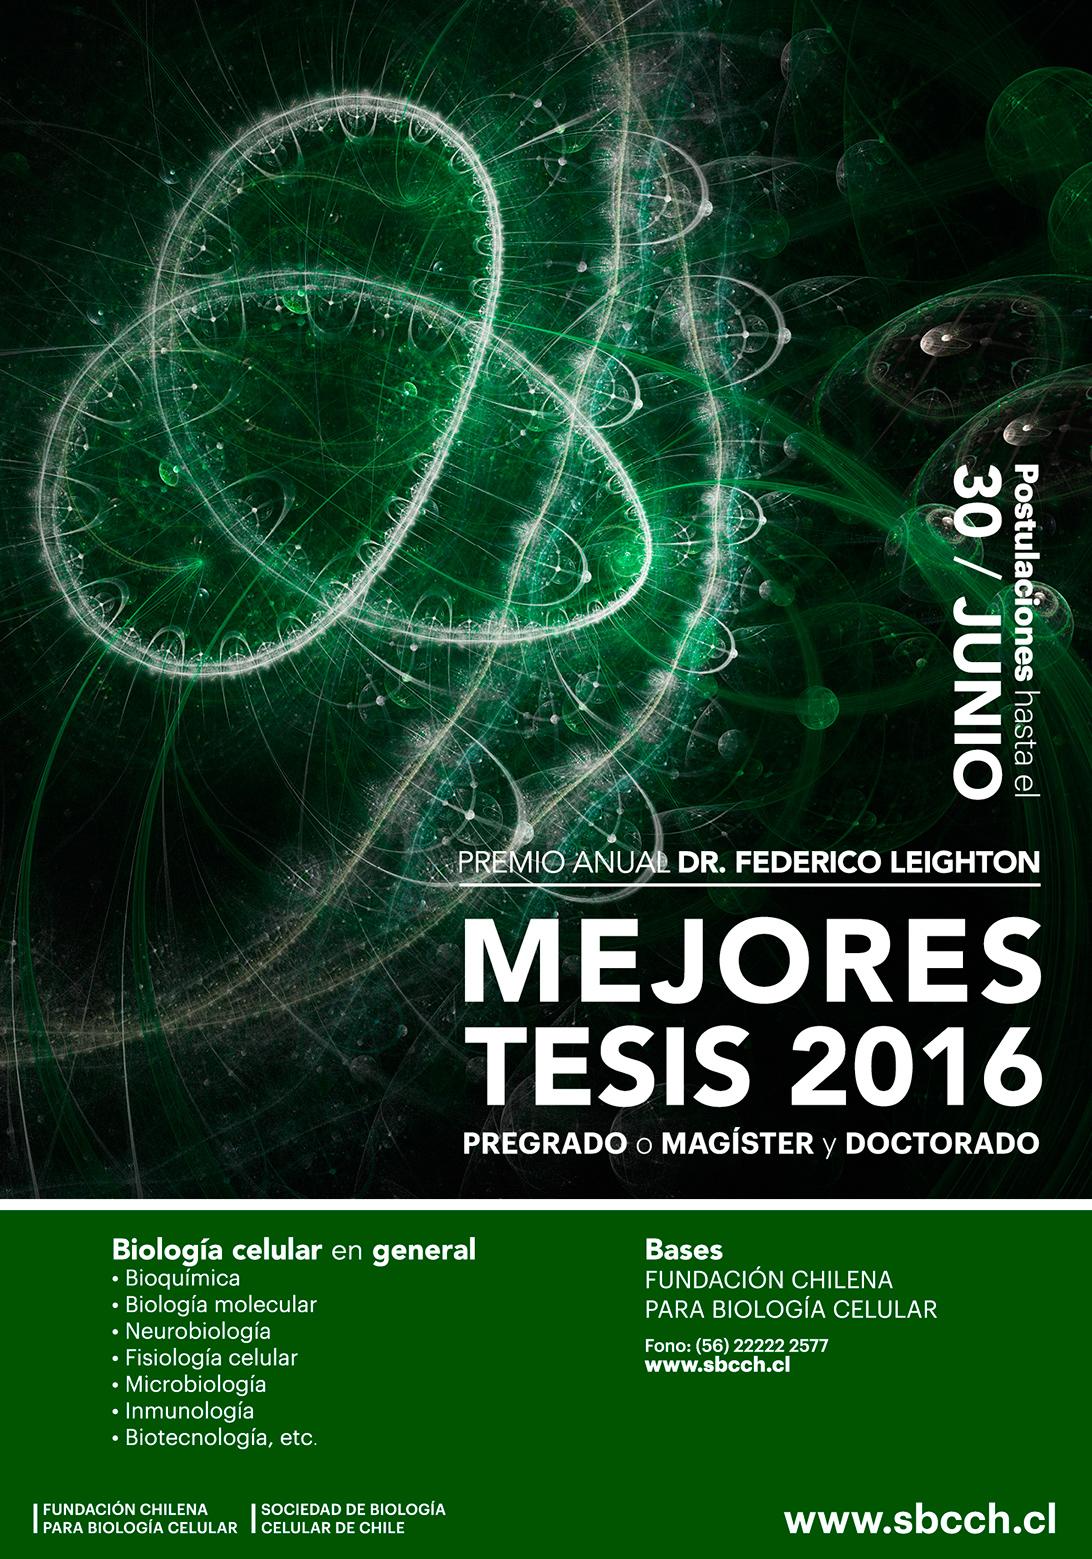 AFICHE-MEJORES-TESIS-2016